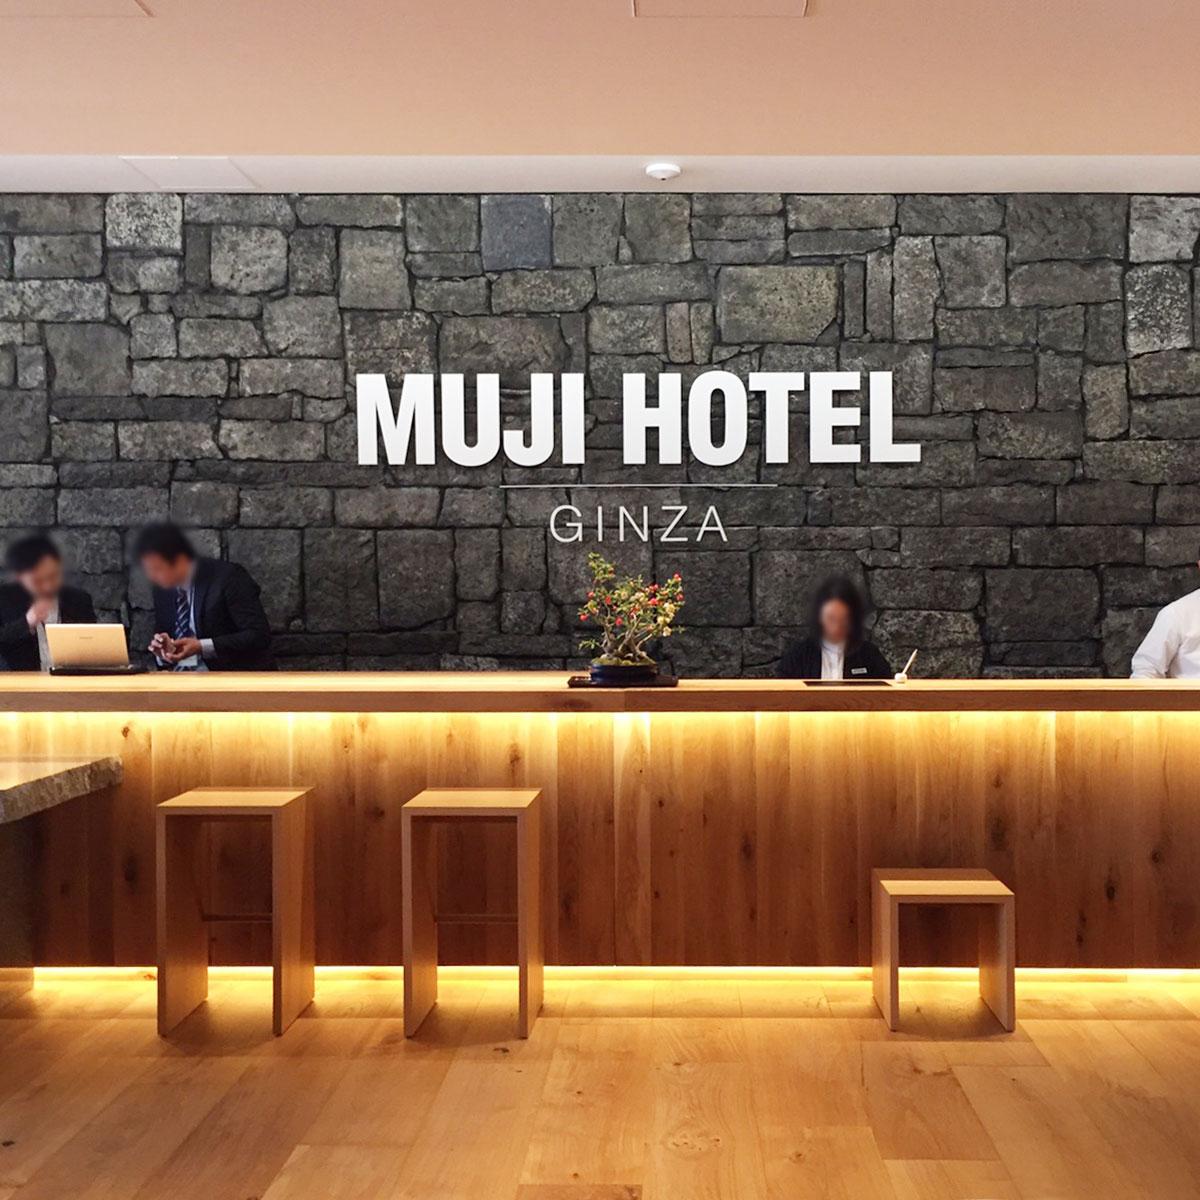 6階の「MUJI HOTEL GINZA」のフロント。